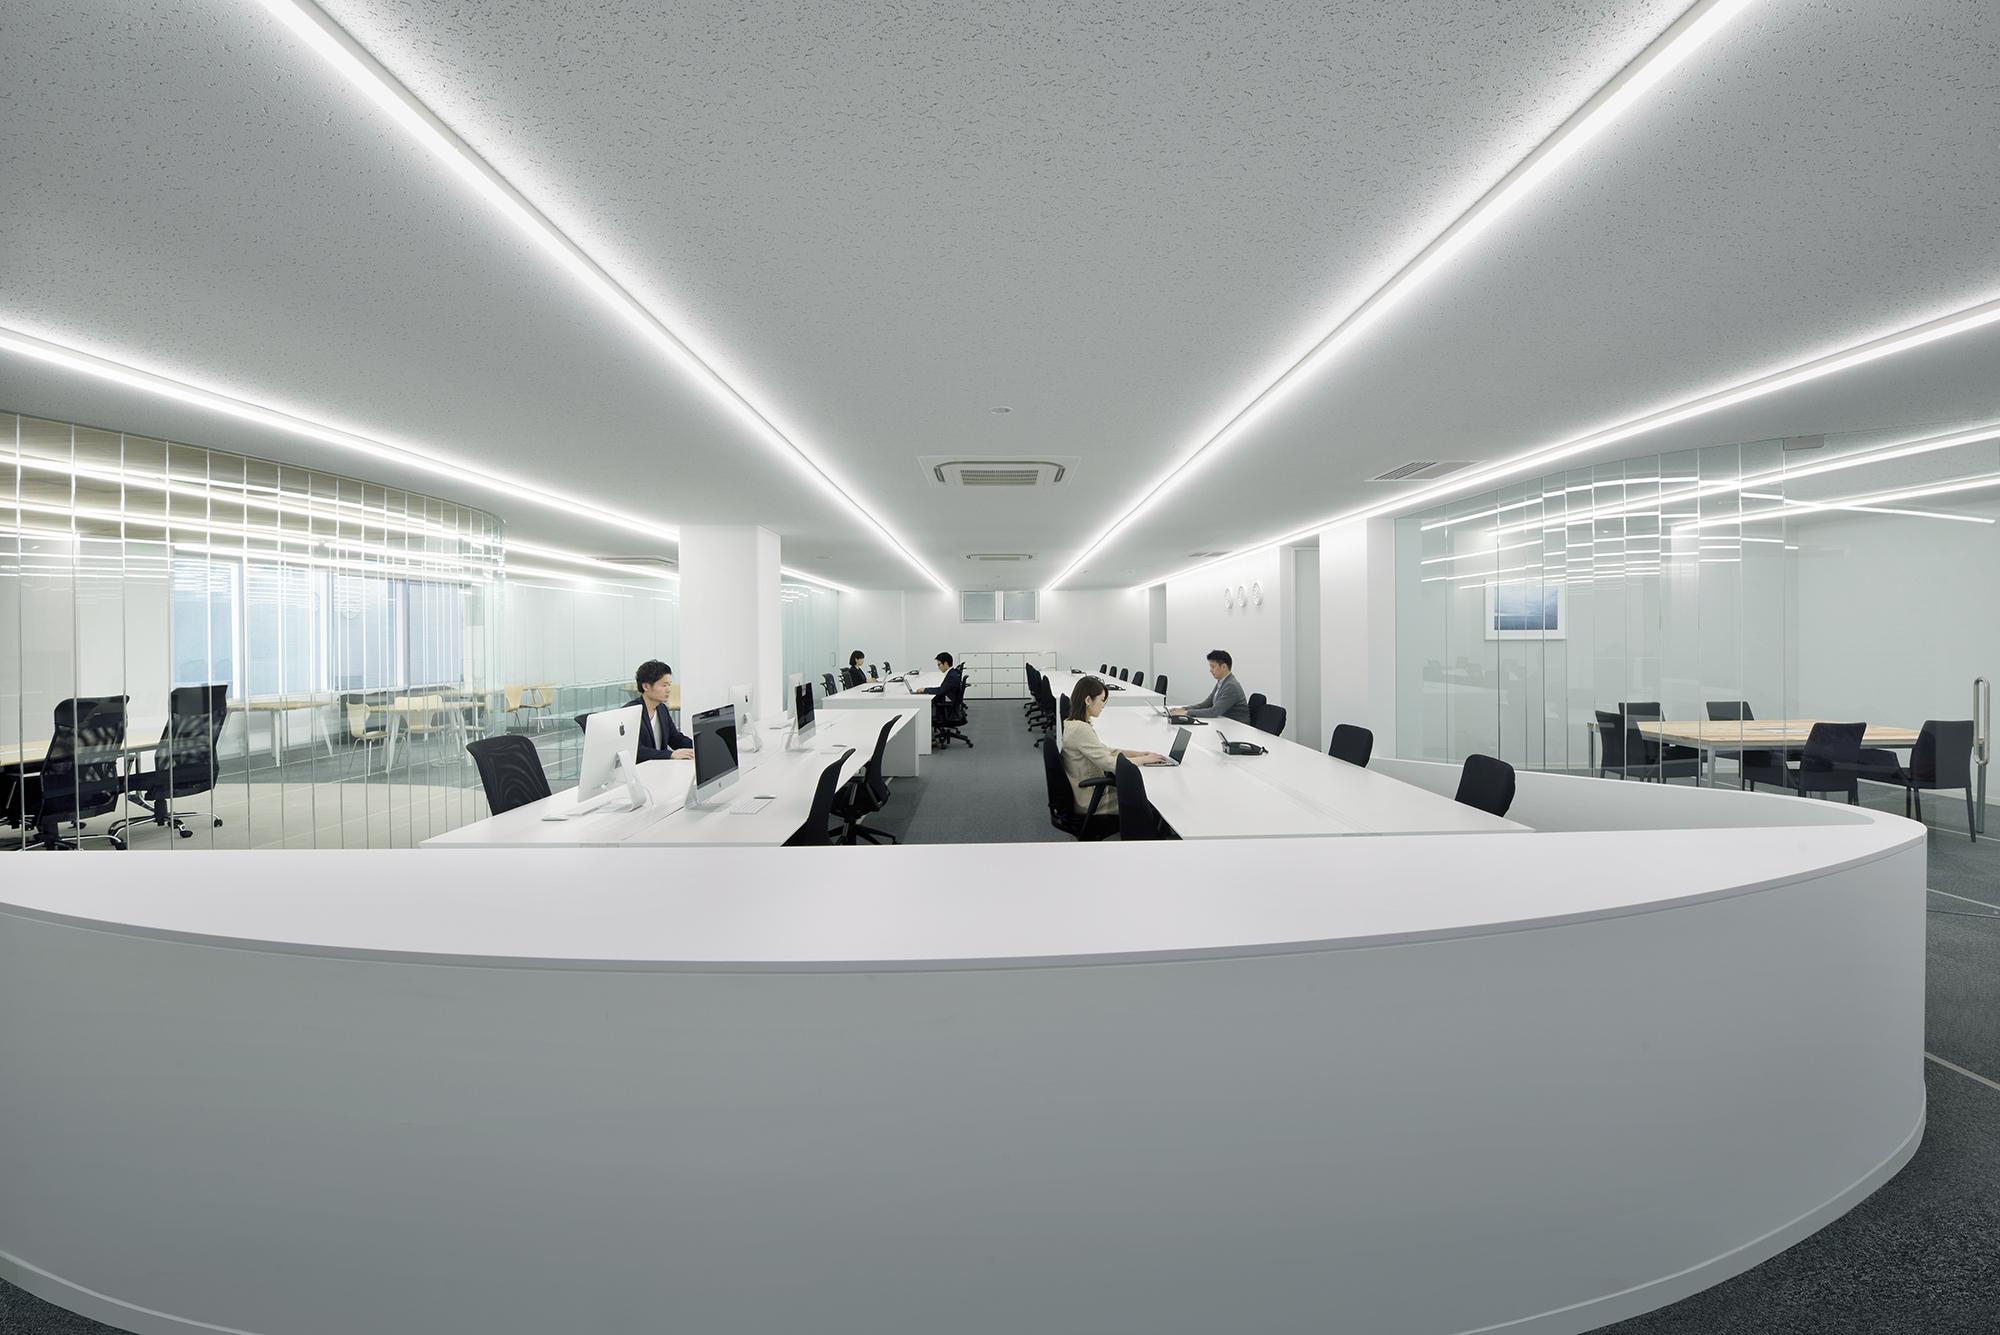 Sécurité de l'emploi TBM OFFICE de Clouds Architecture Office, Tokyo, Japon